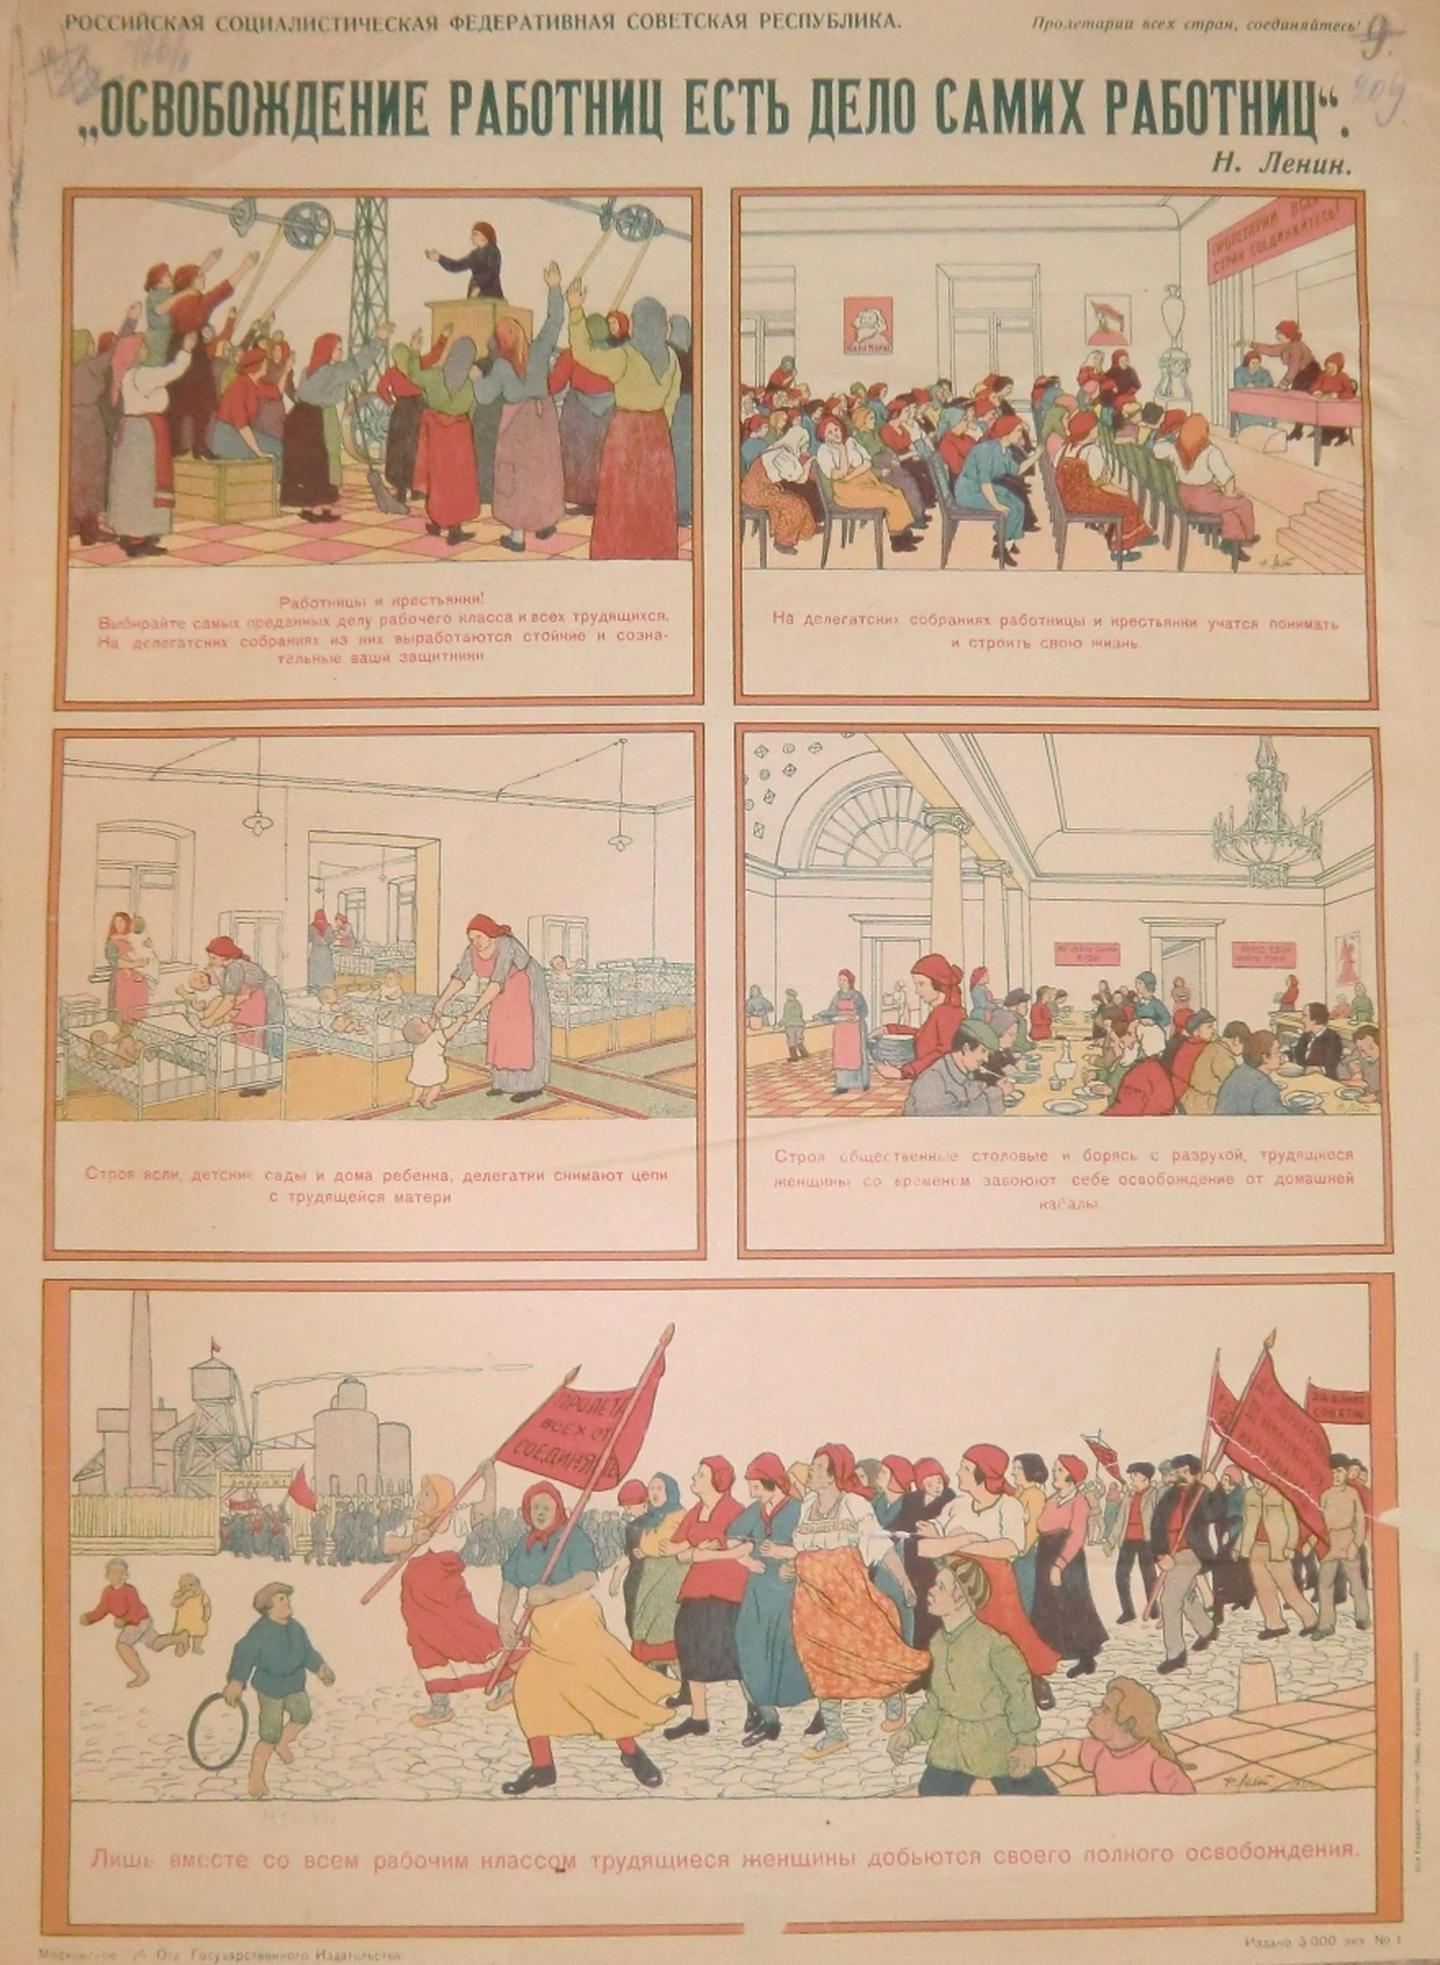 «Освобождение работниц есть дело самих работниц». Н. Ленин Автор: Ф. Лехт Год: 1921